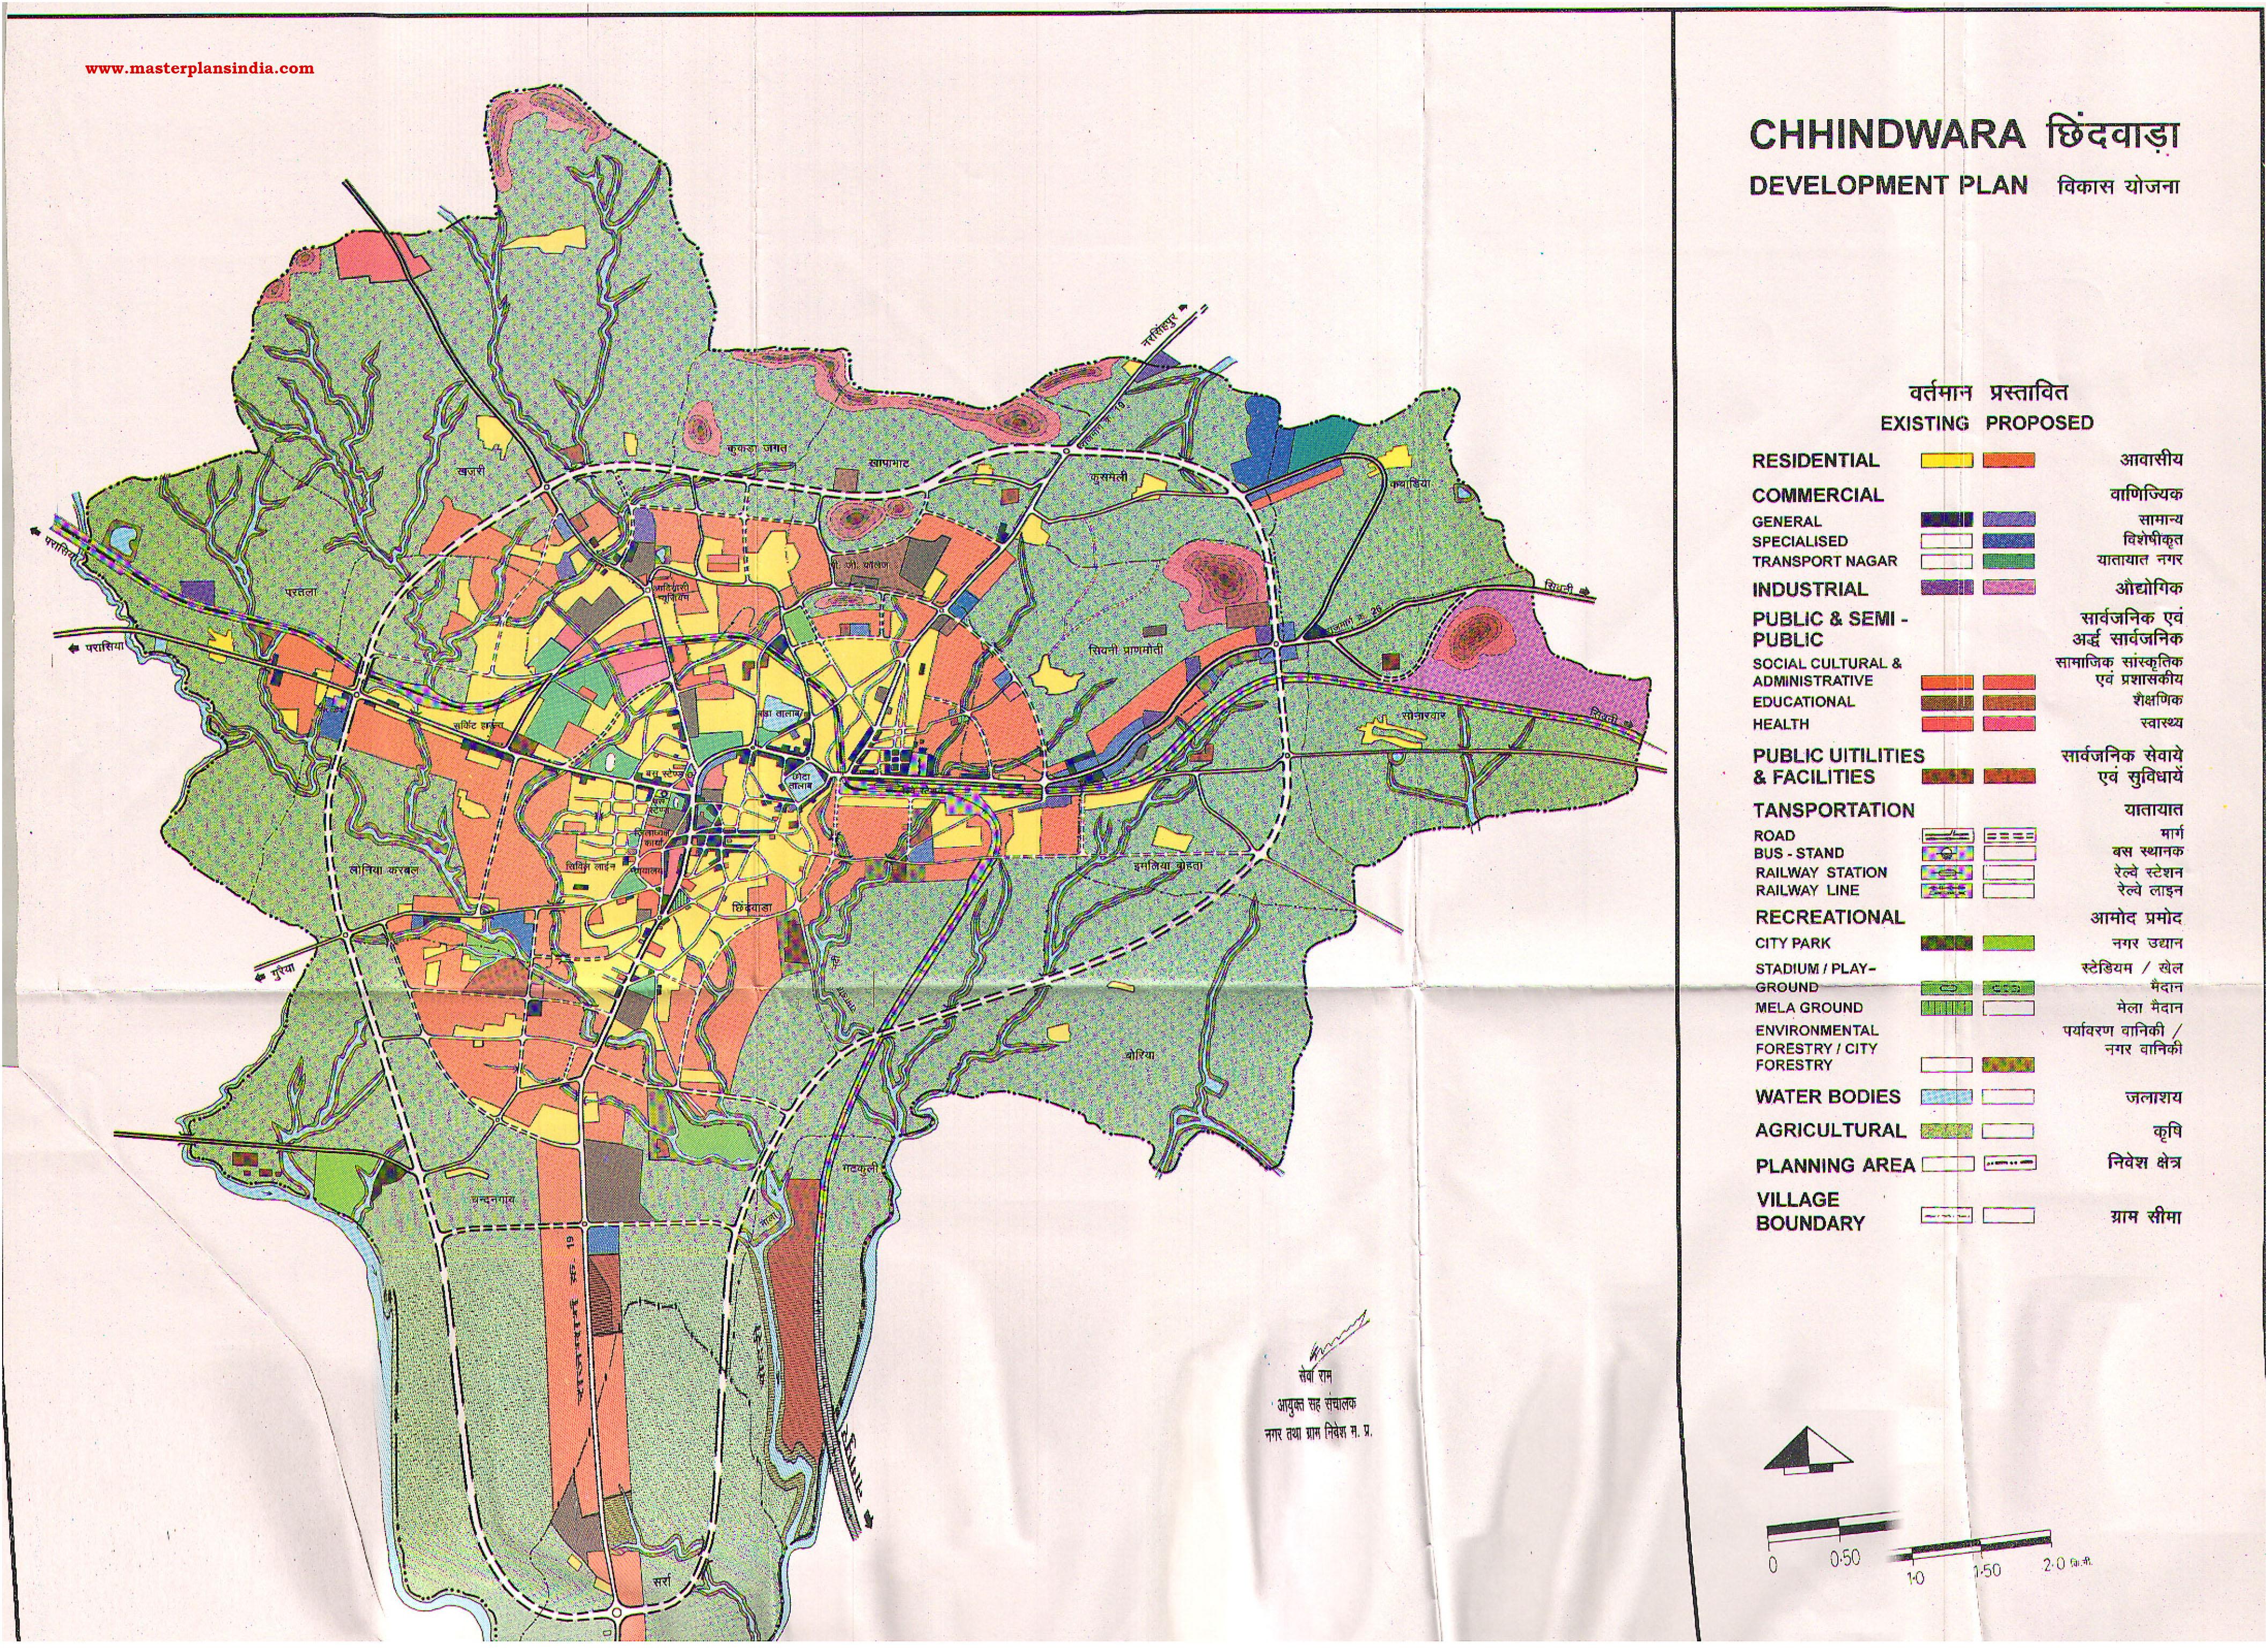 Chhindwara India  city images : Chhindwara Master Development Plan Map PDF Download Master Plans ...